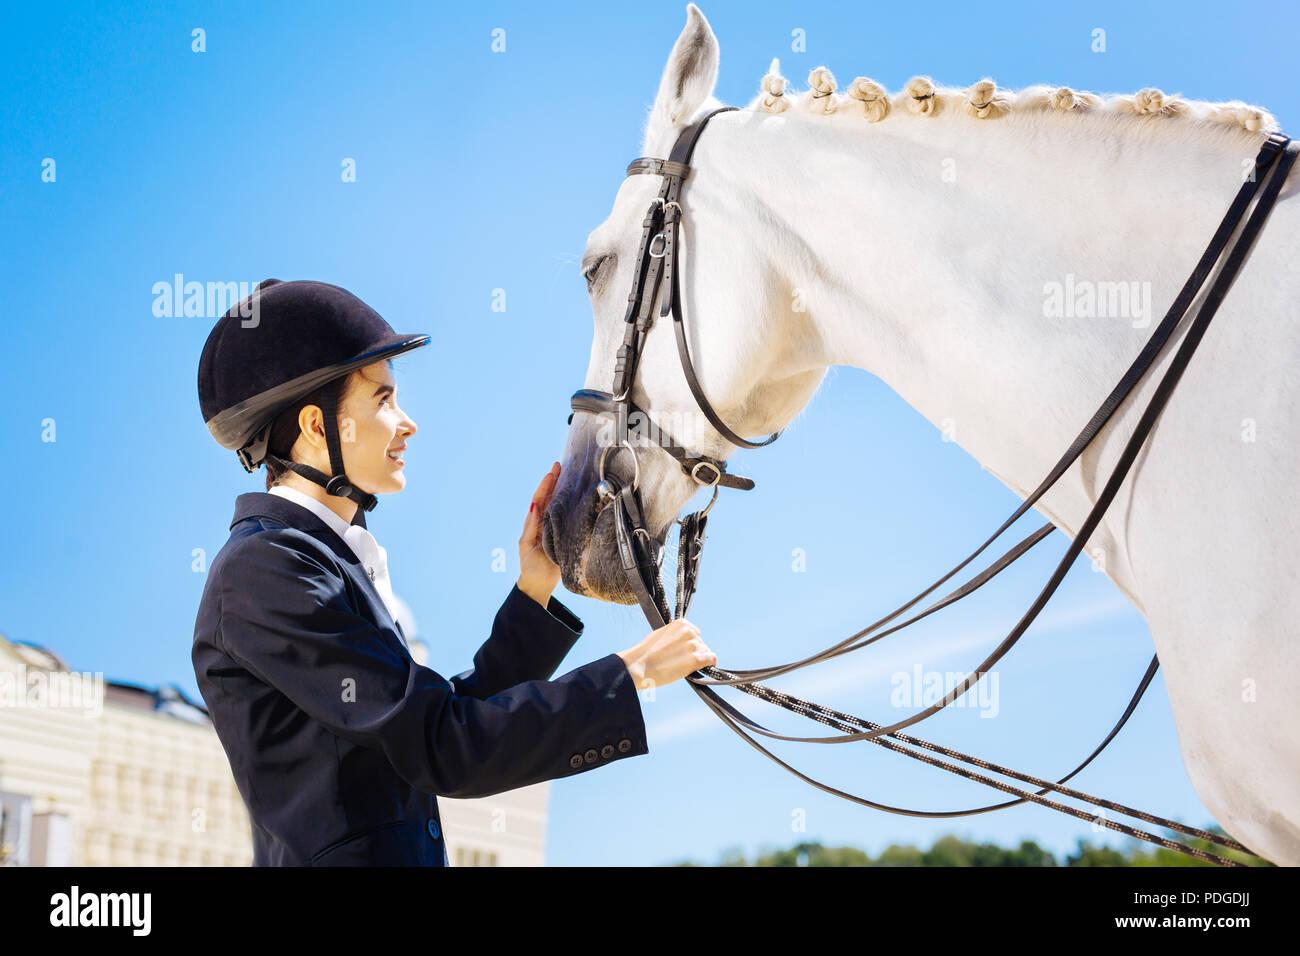 Weibliche Reiter mit schwarzen Helm im White Horse suchen Stockbild